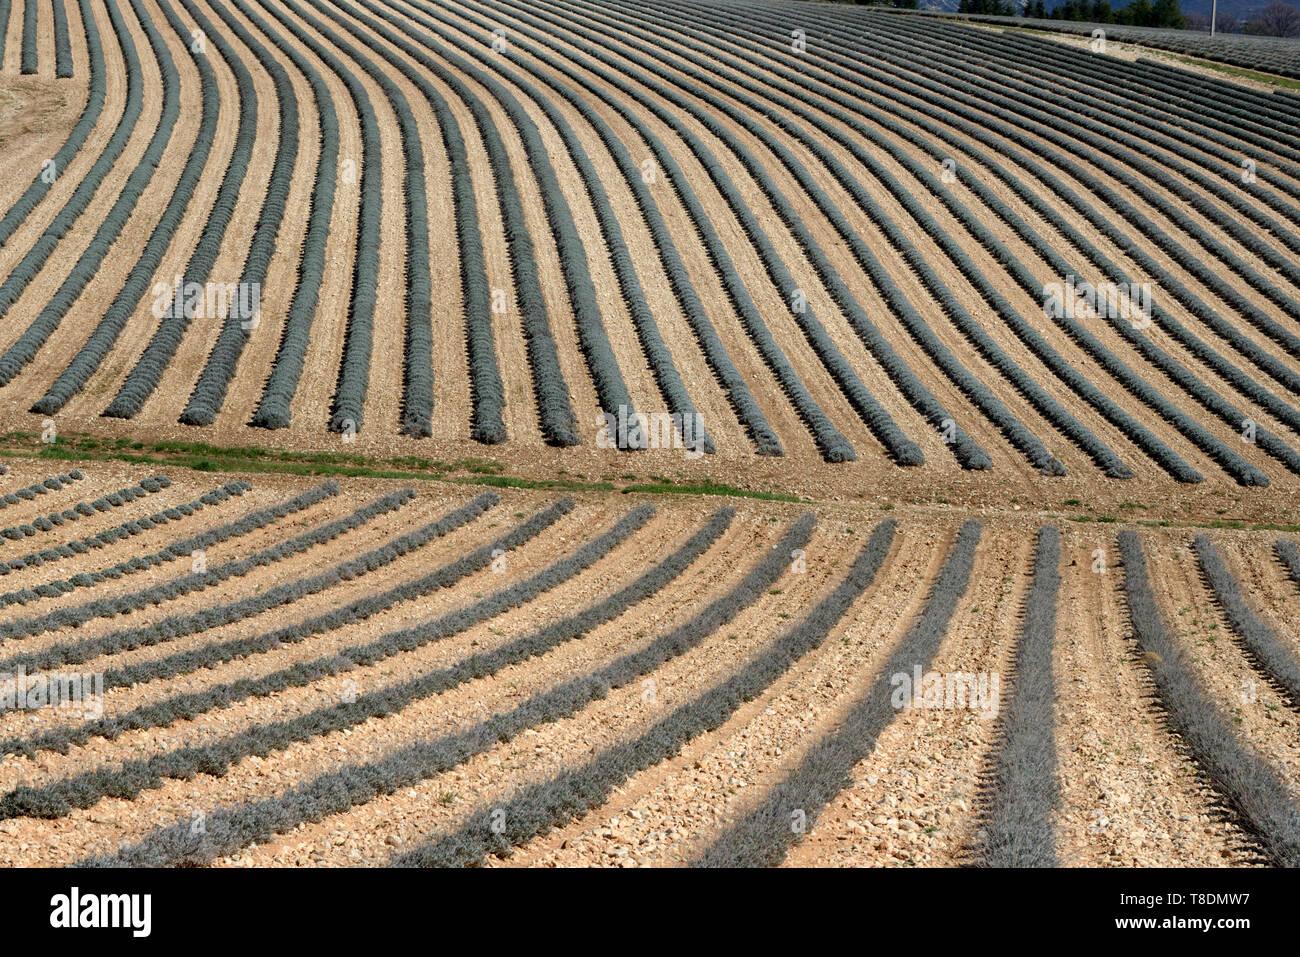 Résumé Les modèles de champ de lavande en hiver près de Moustiers-Sainte-Marie Provence France Photo Stock